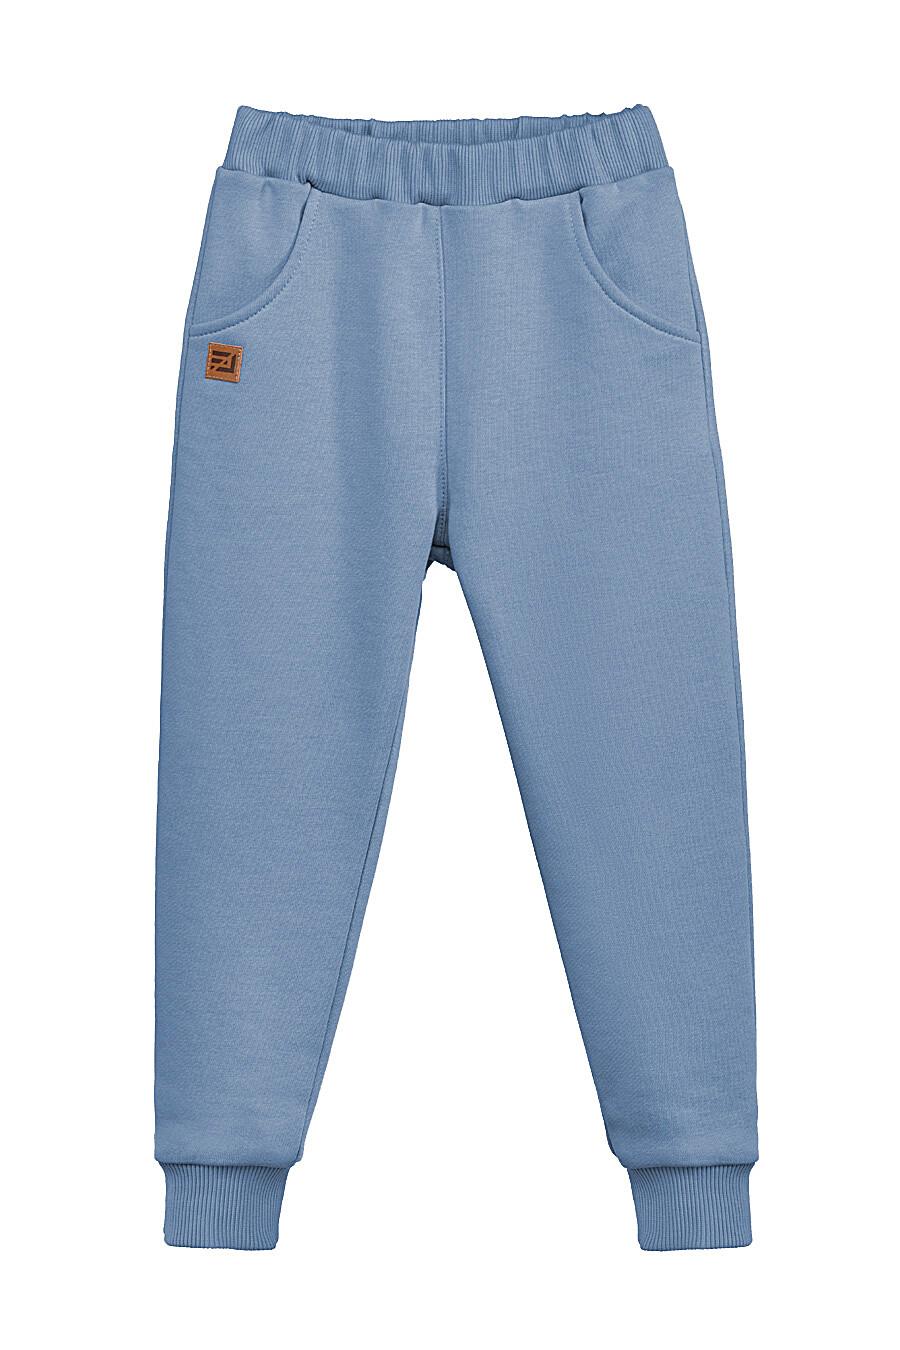 Брюки для девочек EZANNA 649357 купить оптом от производителя. Совместная покупка детской одежды в OptMoyo